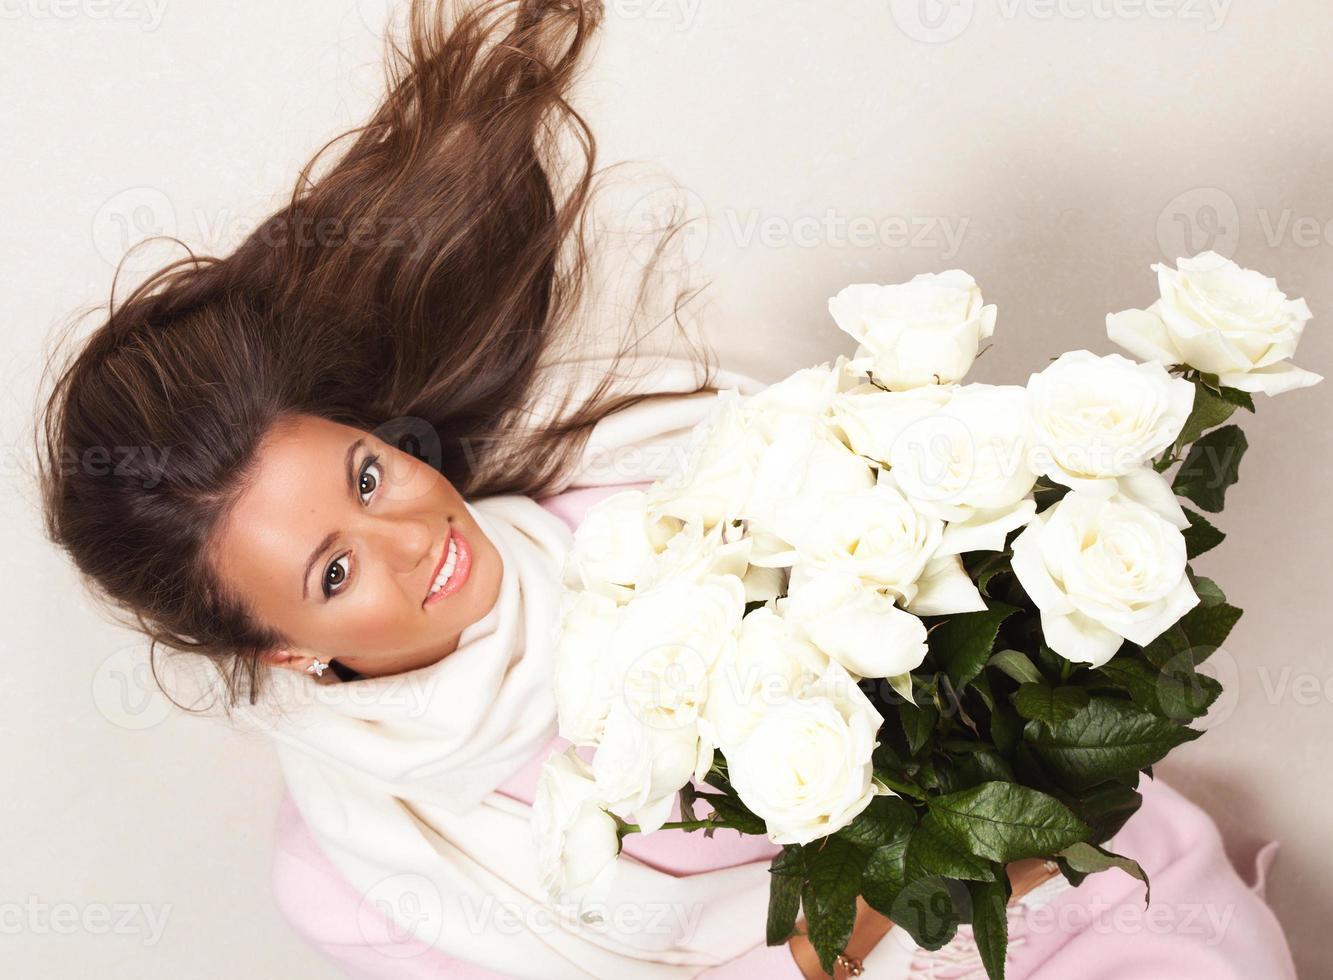 donna con rose foto